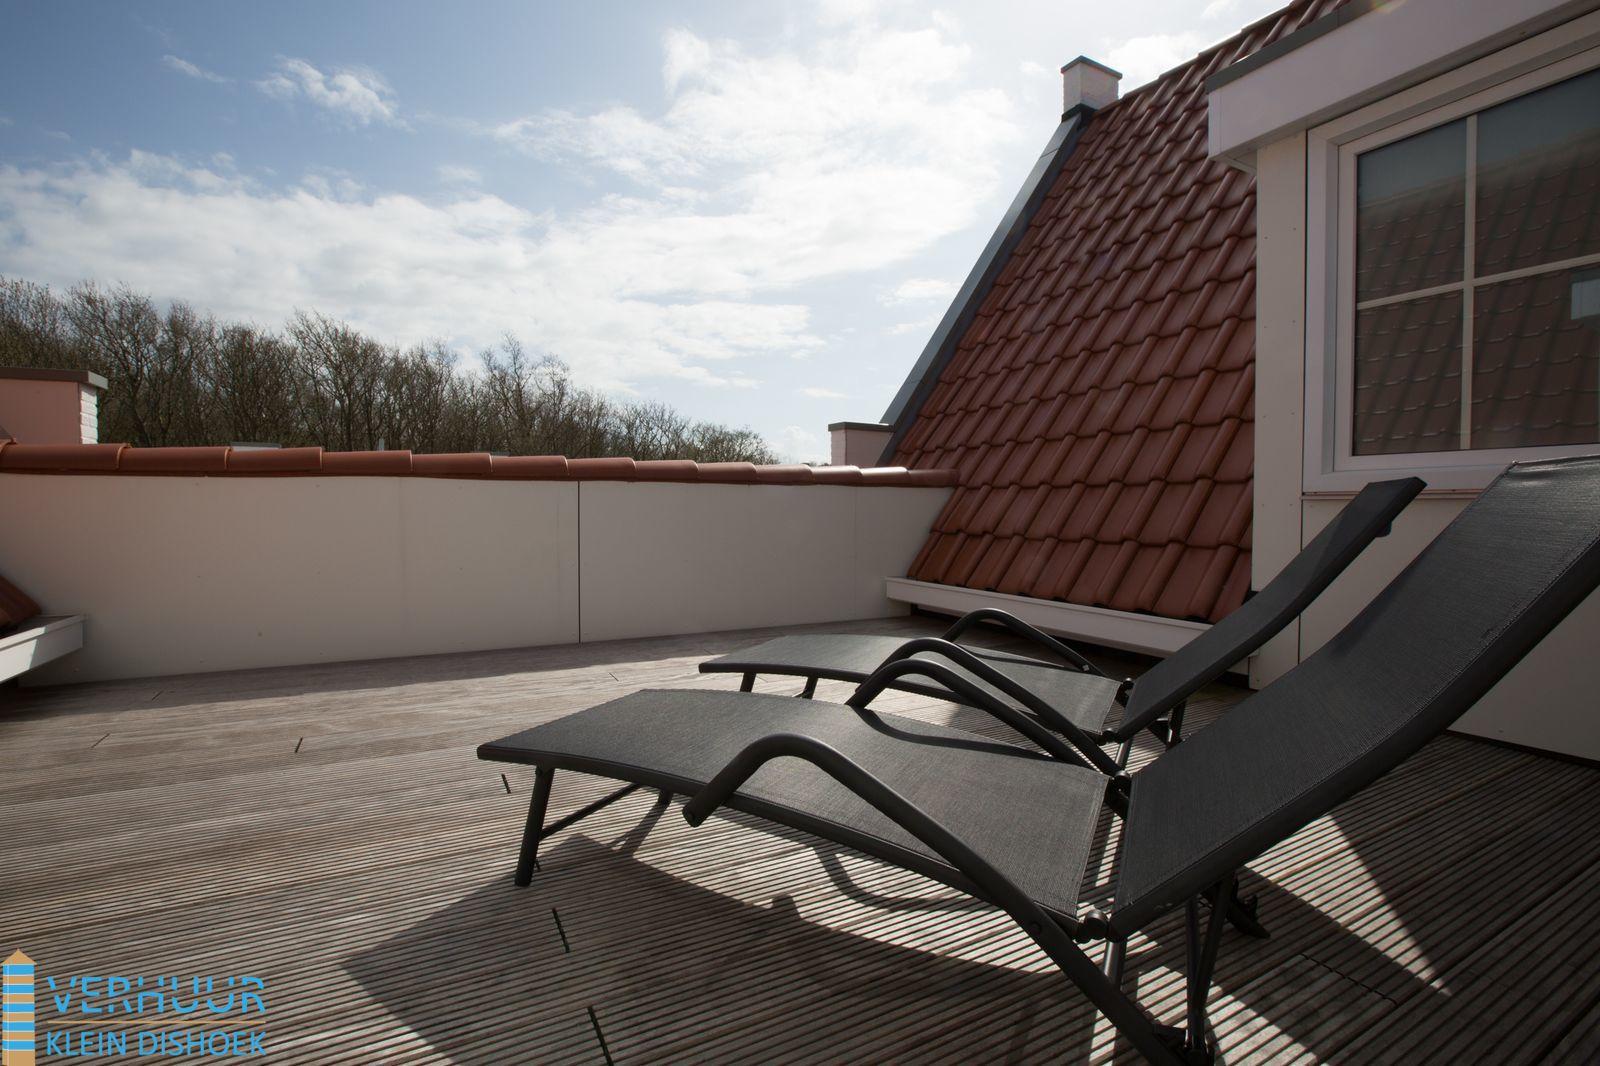 Dakterras Of Balkon : Dakterras en balkon luxe appartement aan de duinen boek nu